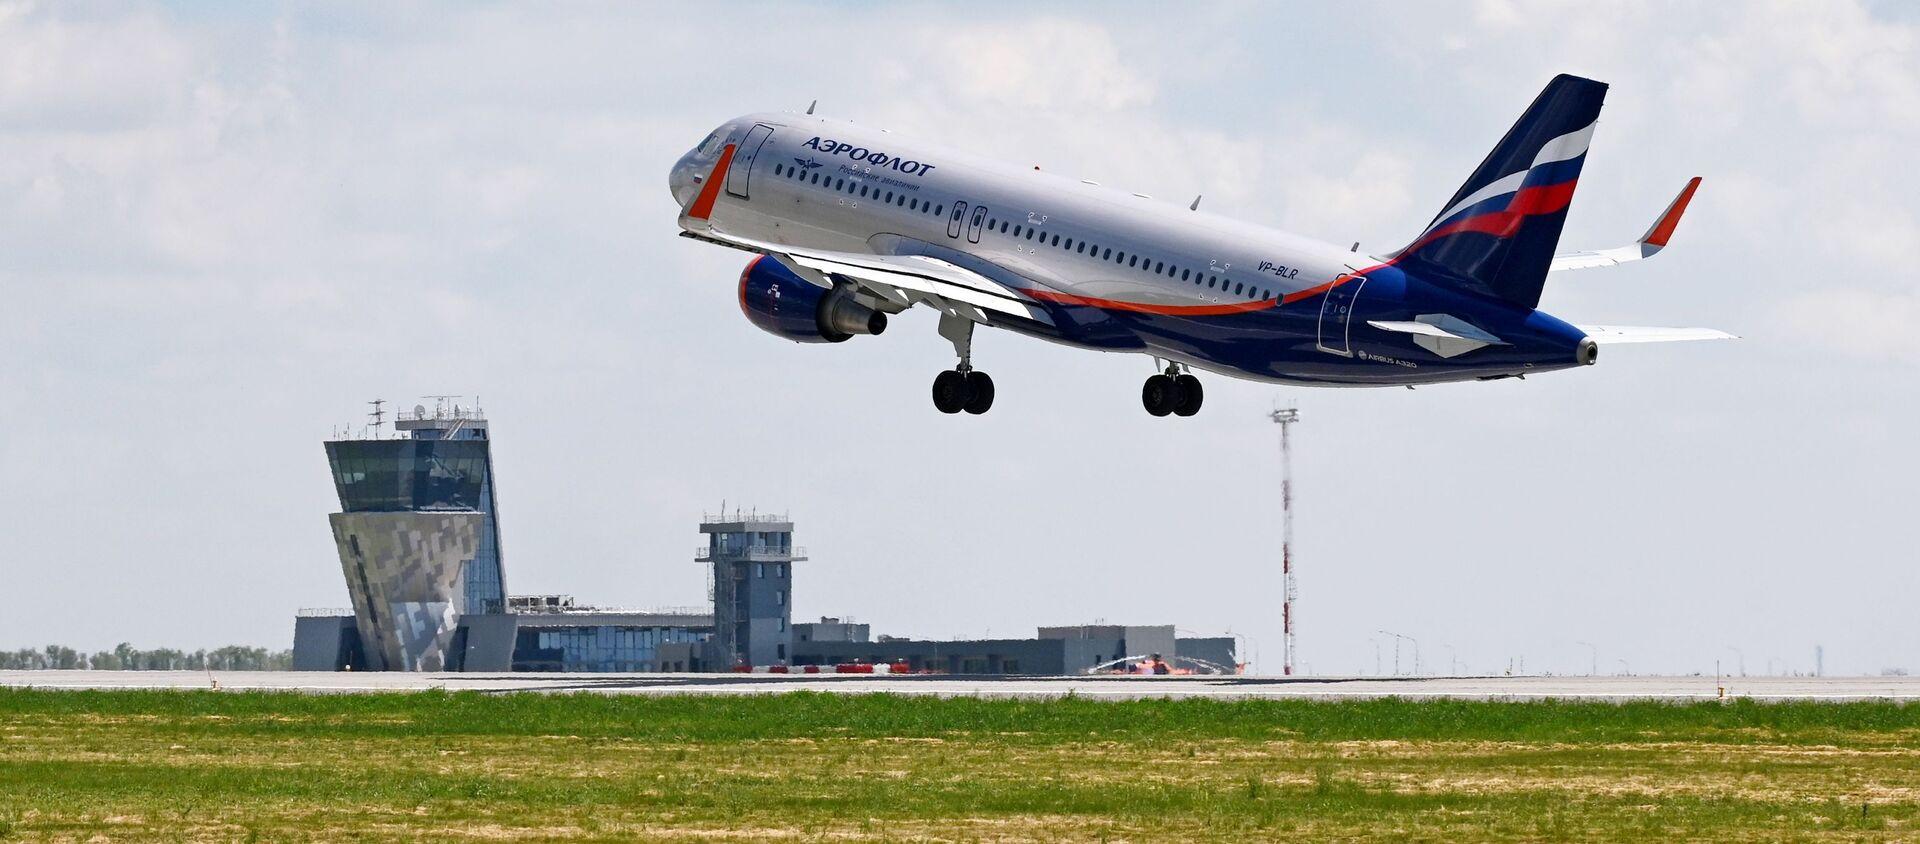 Пассажирский самолет российской авиакомпании Аэрофлот - Airbus A320 - Sputnik Грузия, 1920, 12.04.2021